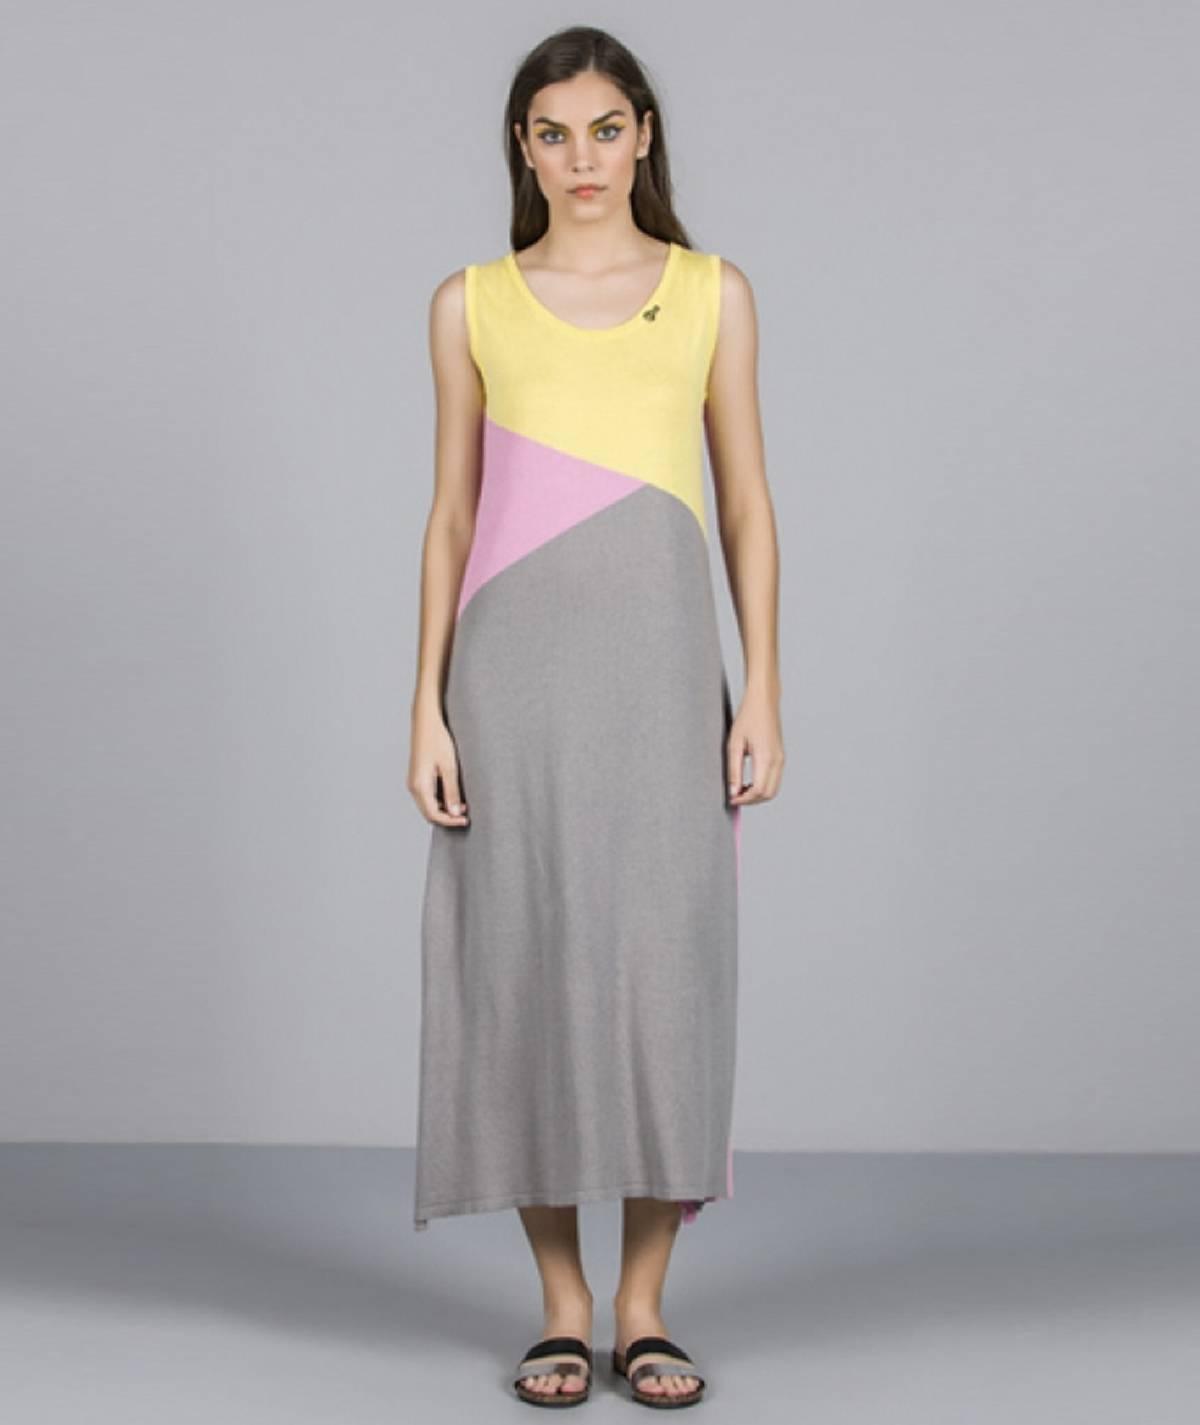 [CHIESSY] Vestido tricot